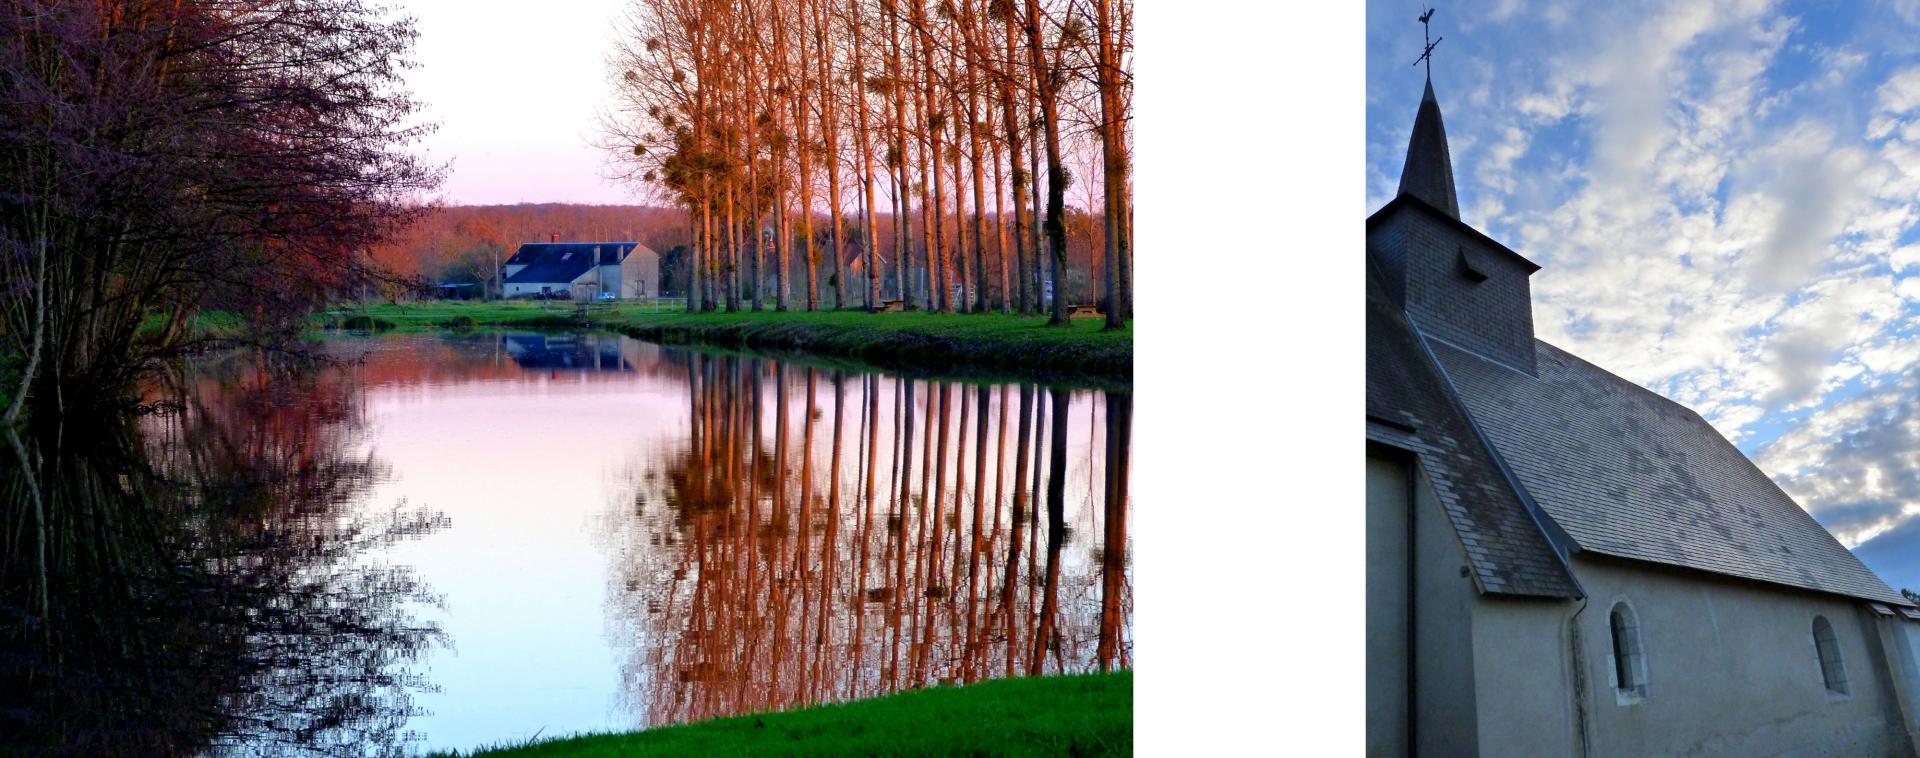 Argenvières / Saint-Léger-le-Petit